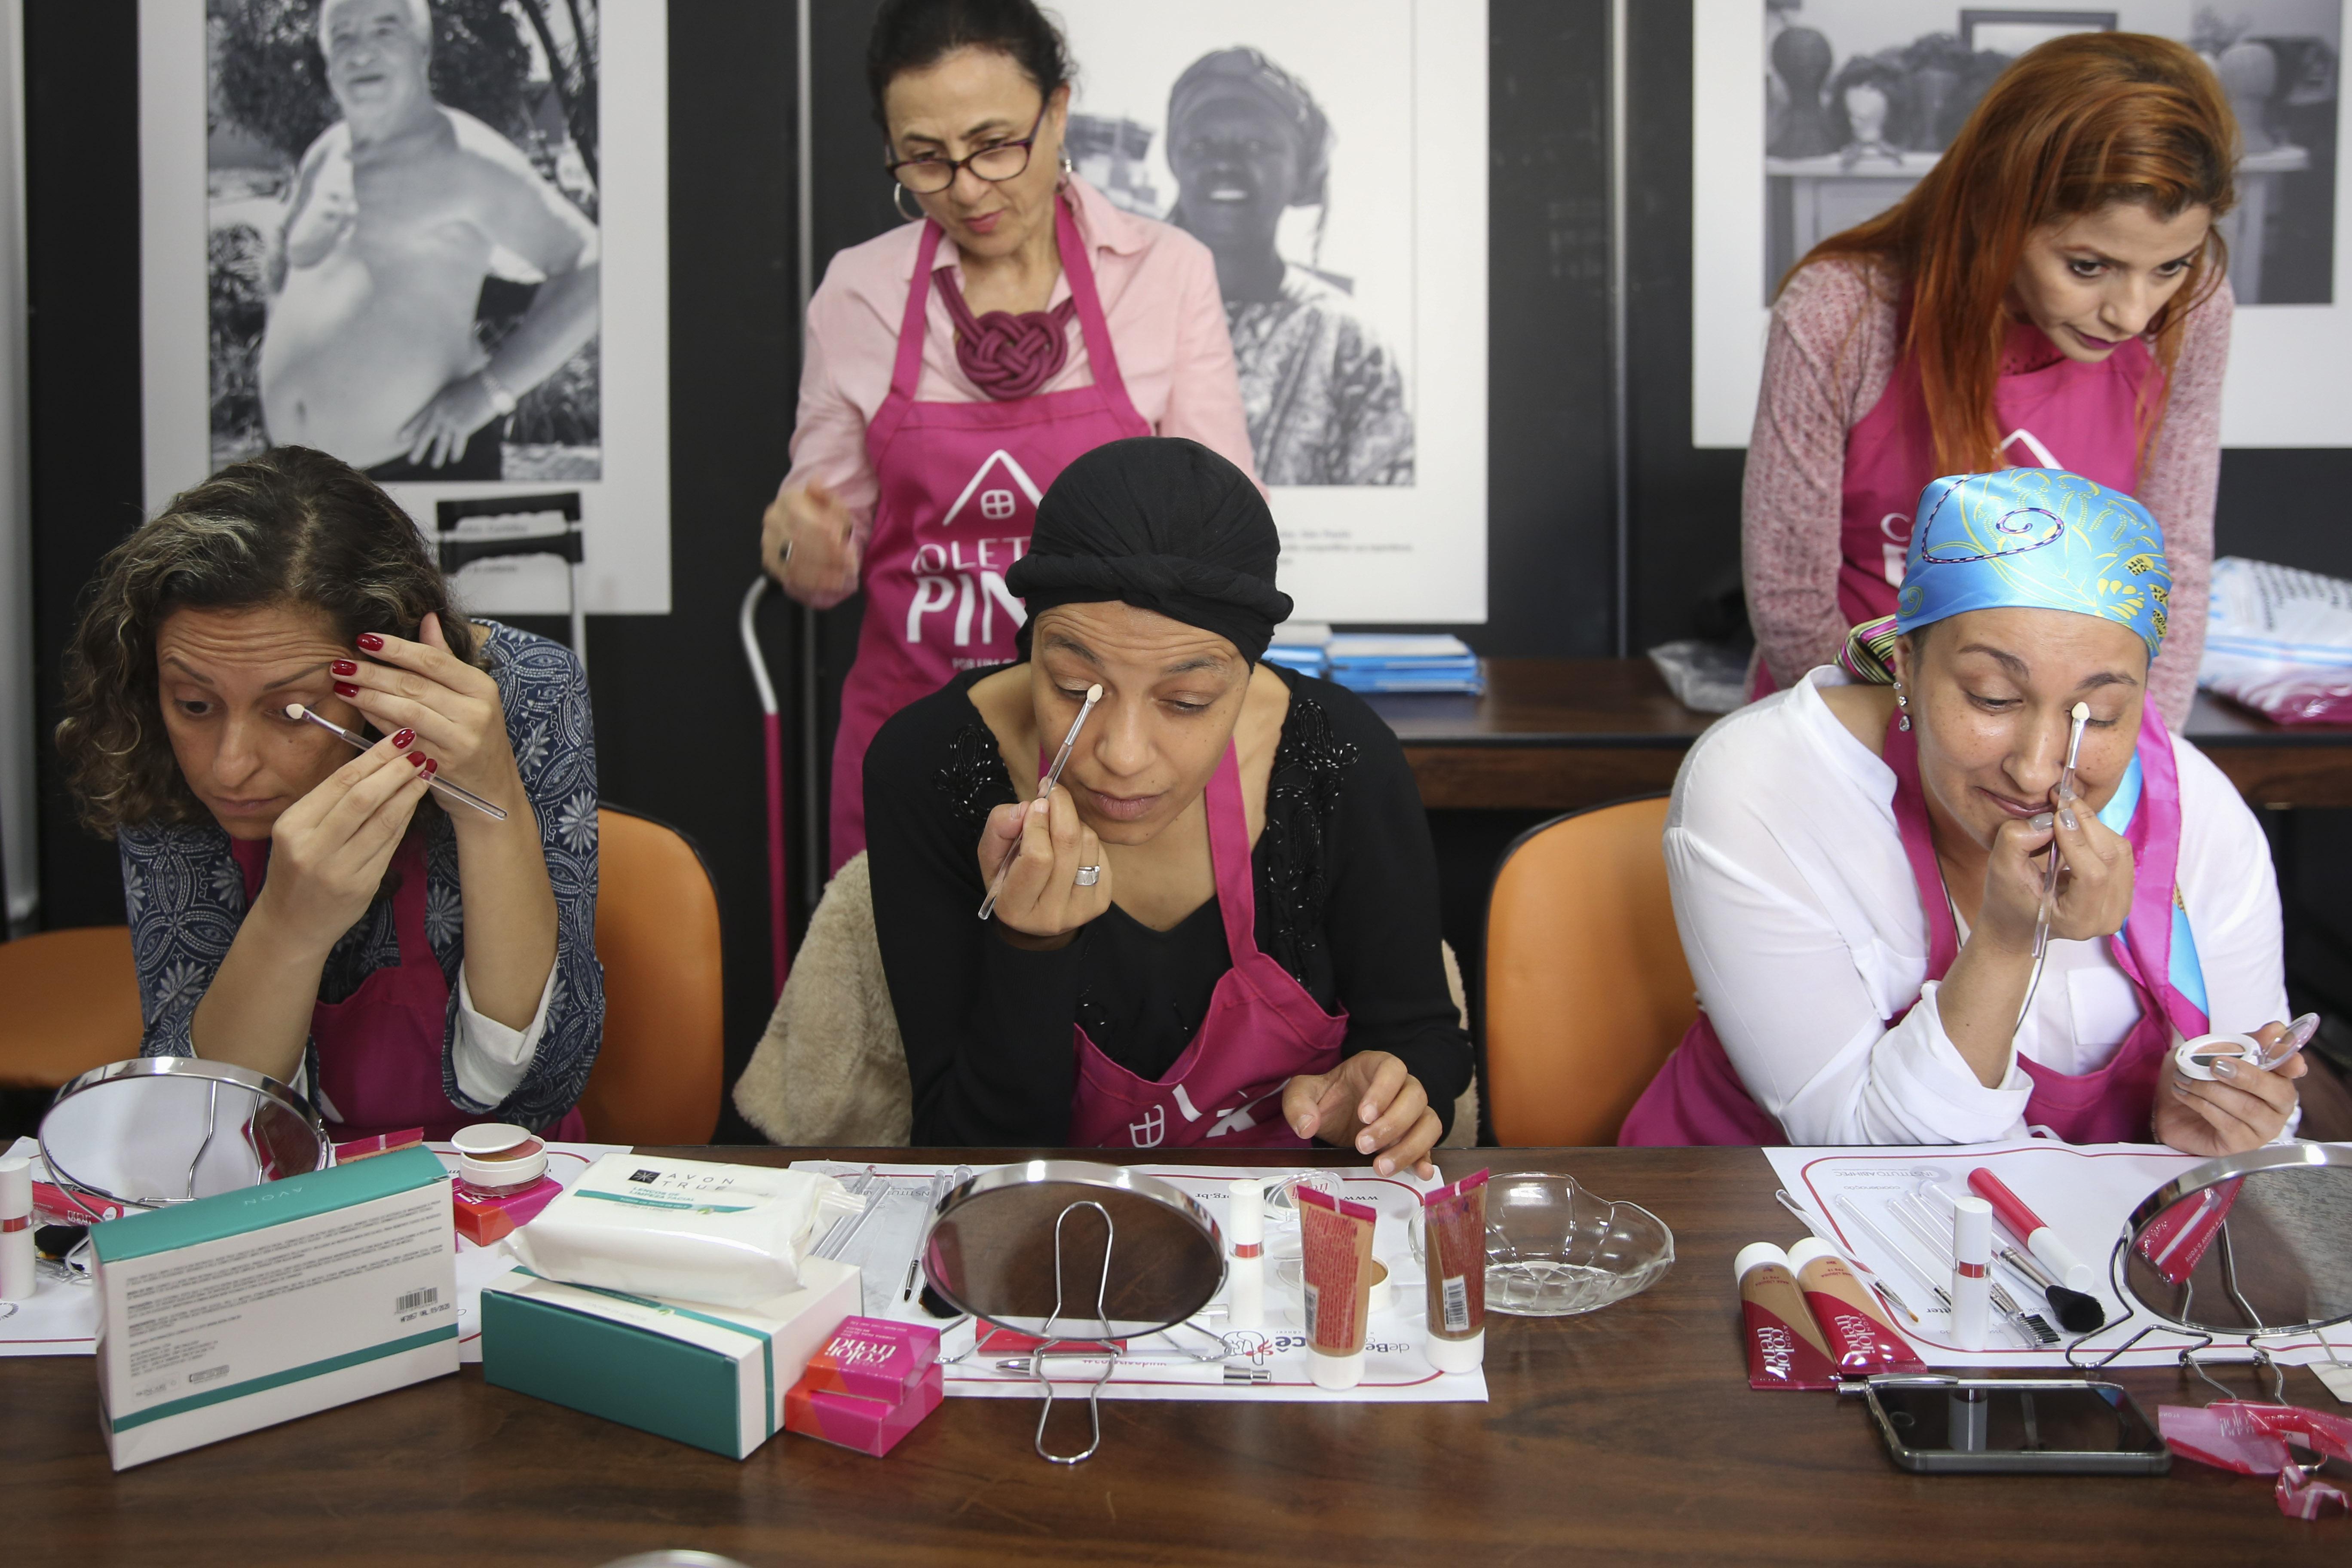 Curso de automaquiagem para pacientes com câncer de mama - Coletivo Pink - De Bem com Você – A Beleza contra o Câncer, do Instituto Abihpec